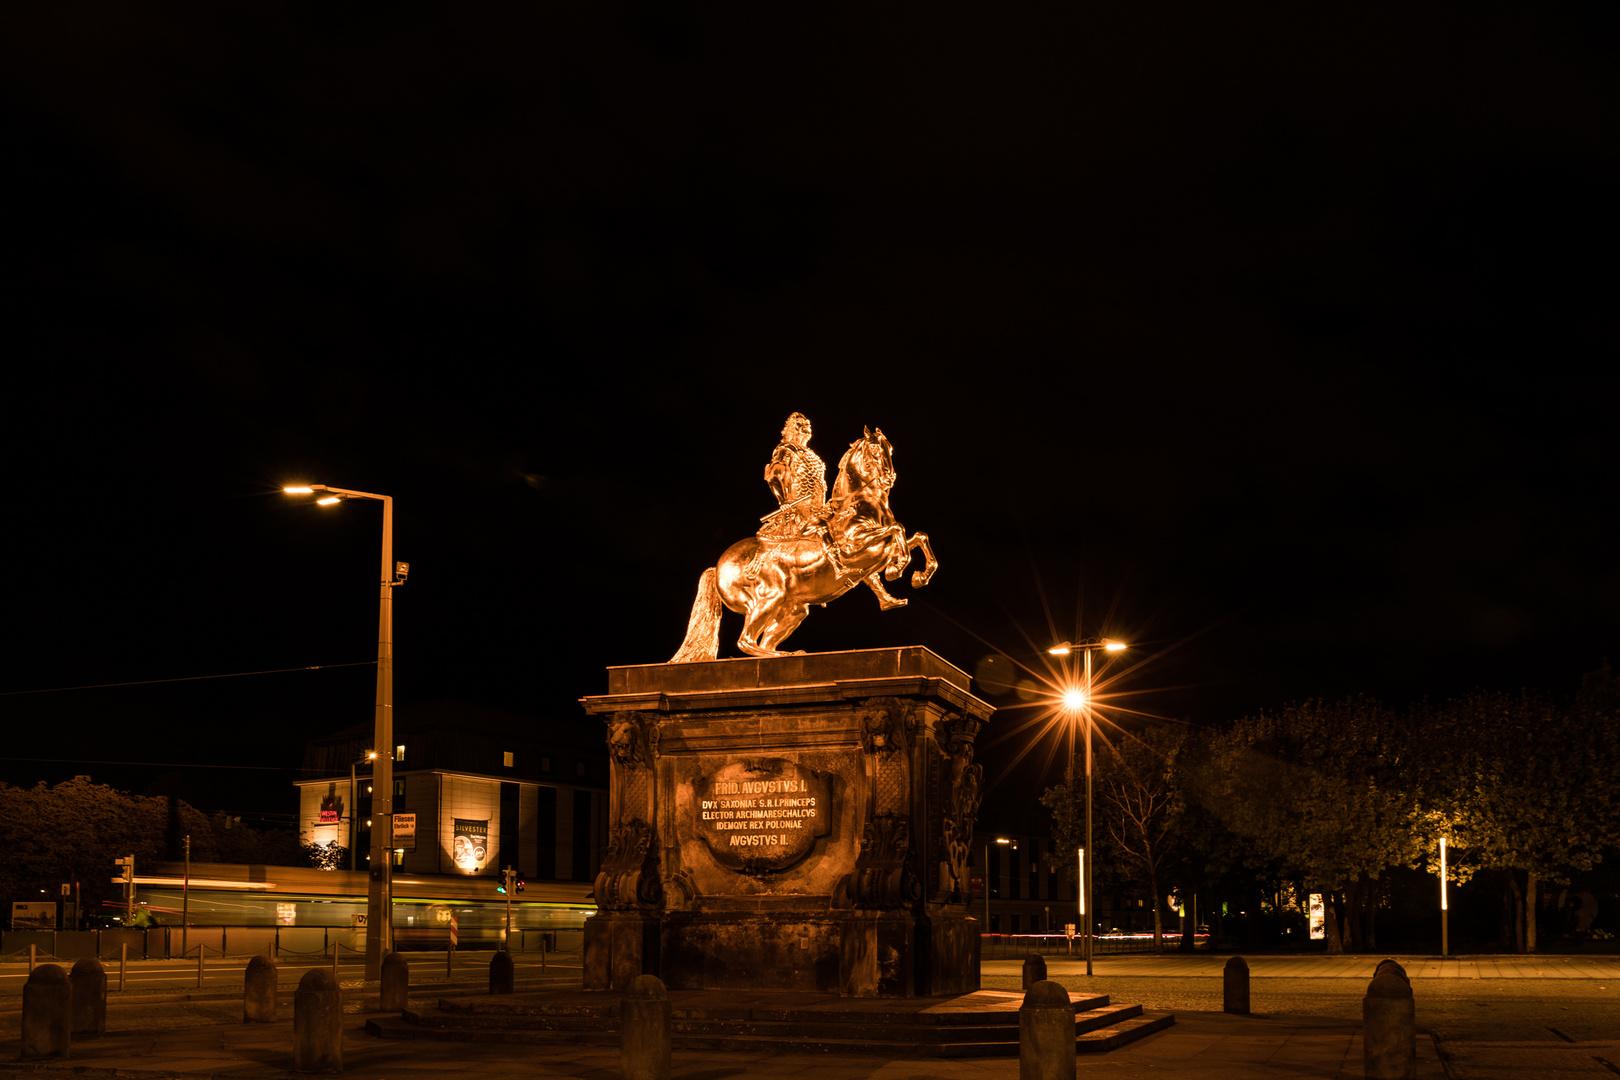 Goldener Reiter Dresden Foto Bild World Dresden Architektur